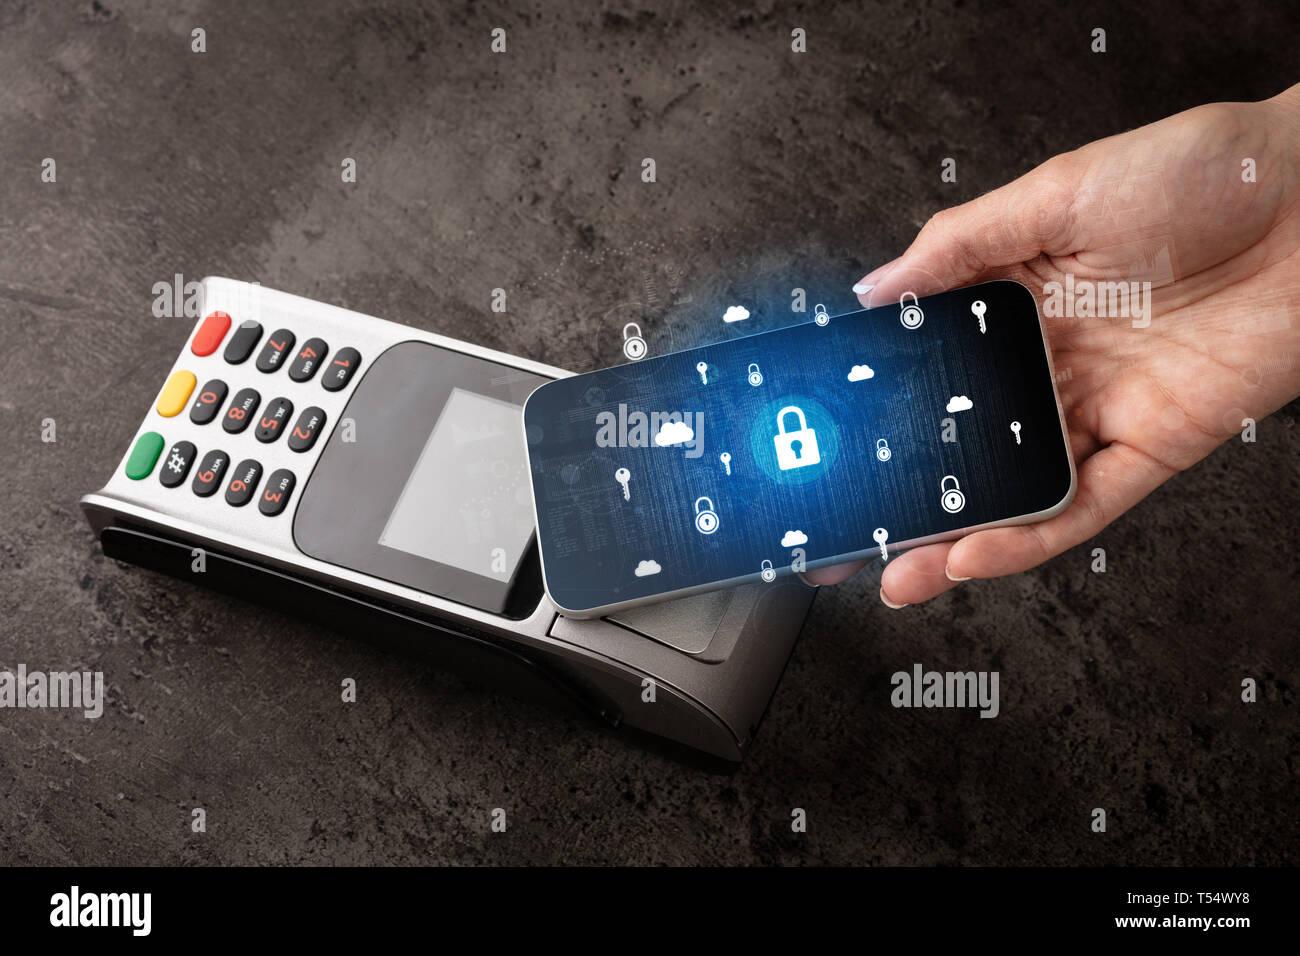 Part de payer par téléphone portable en POS, concept paiement sécurisé Banque D'Images